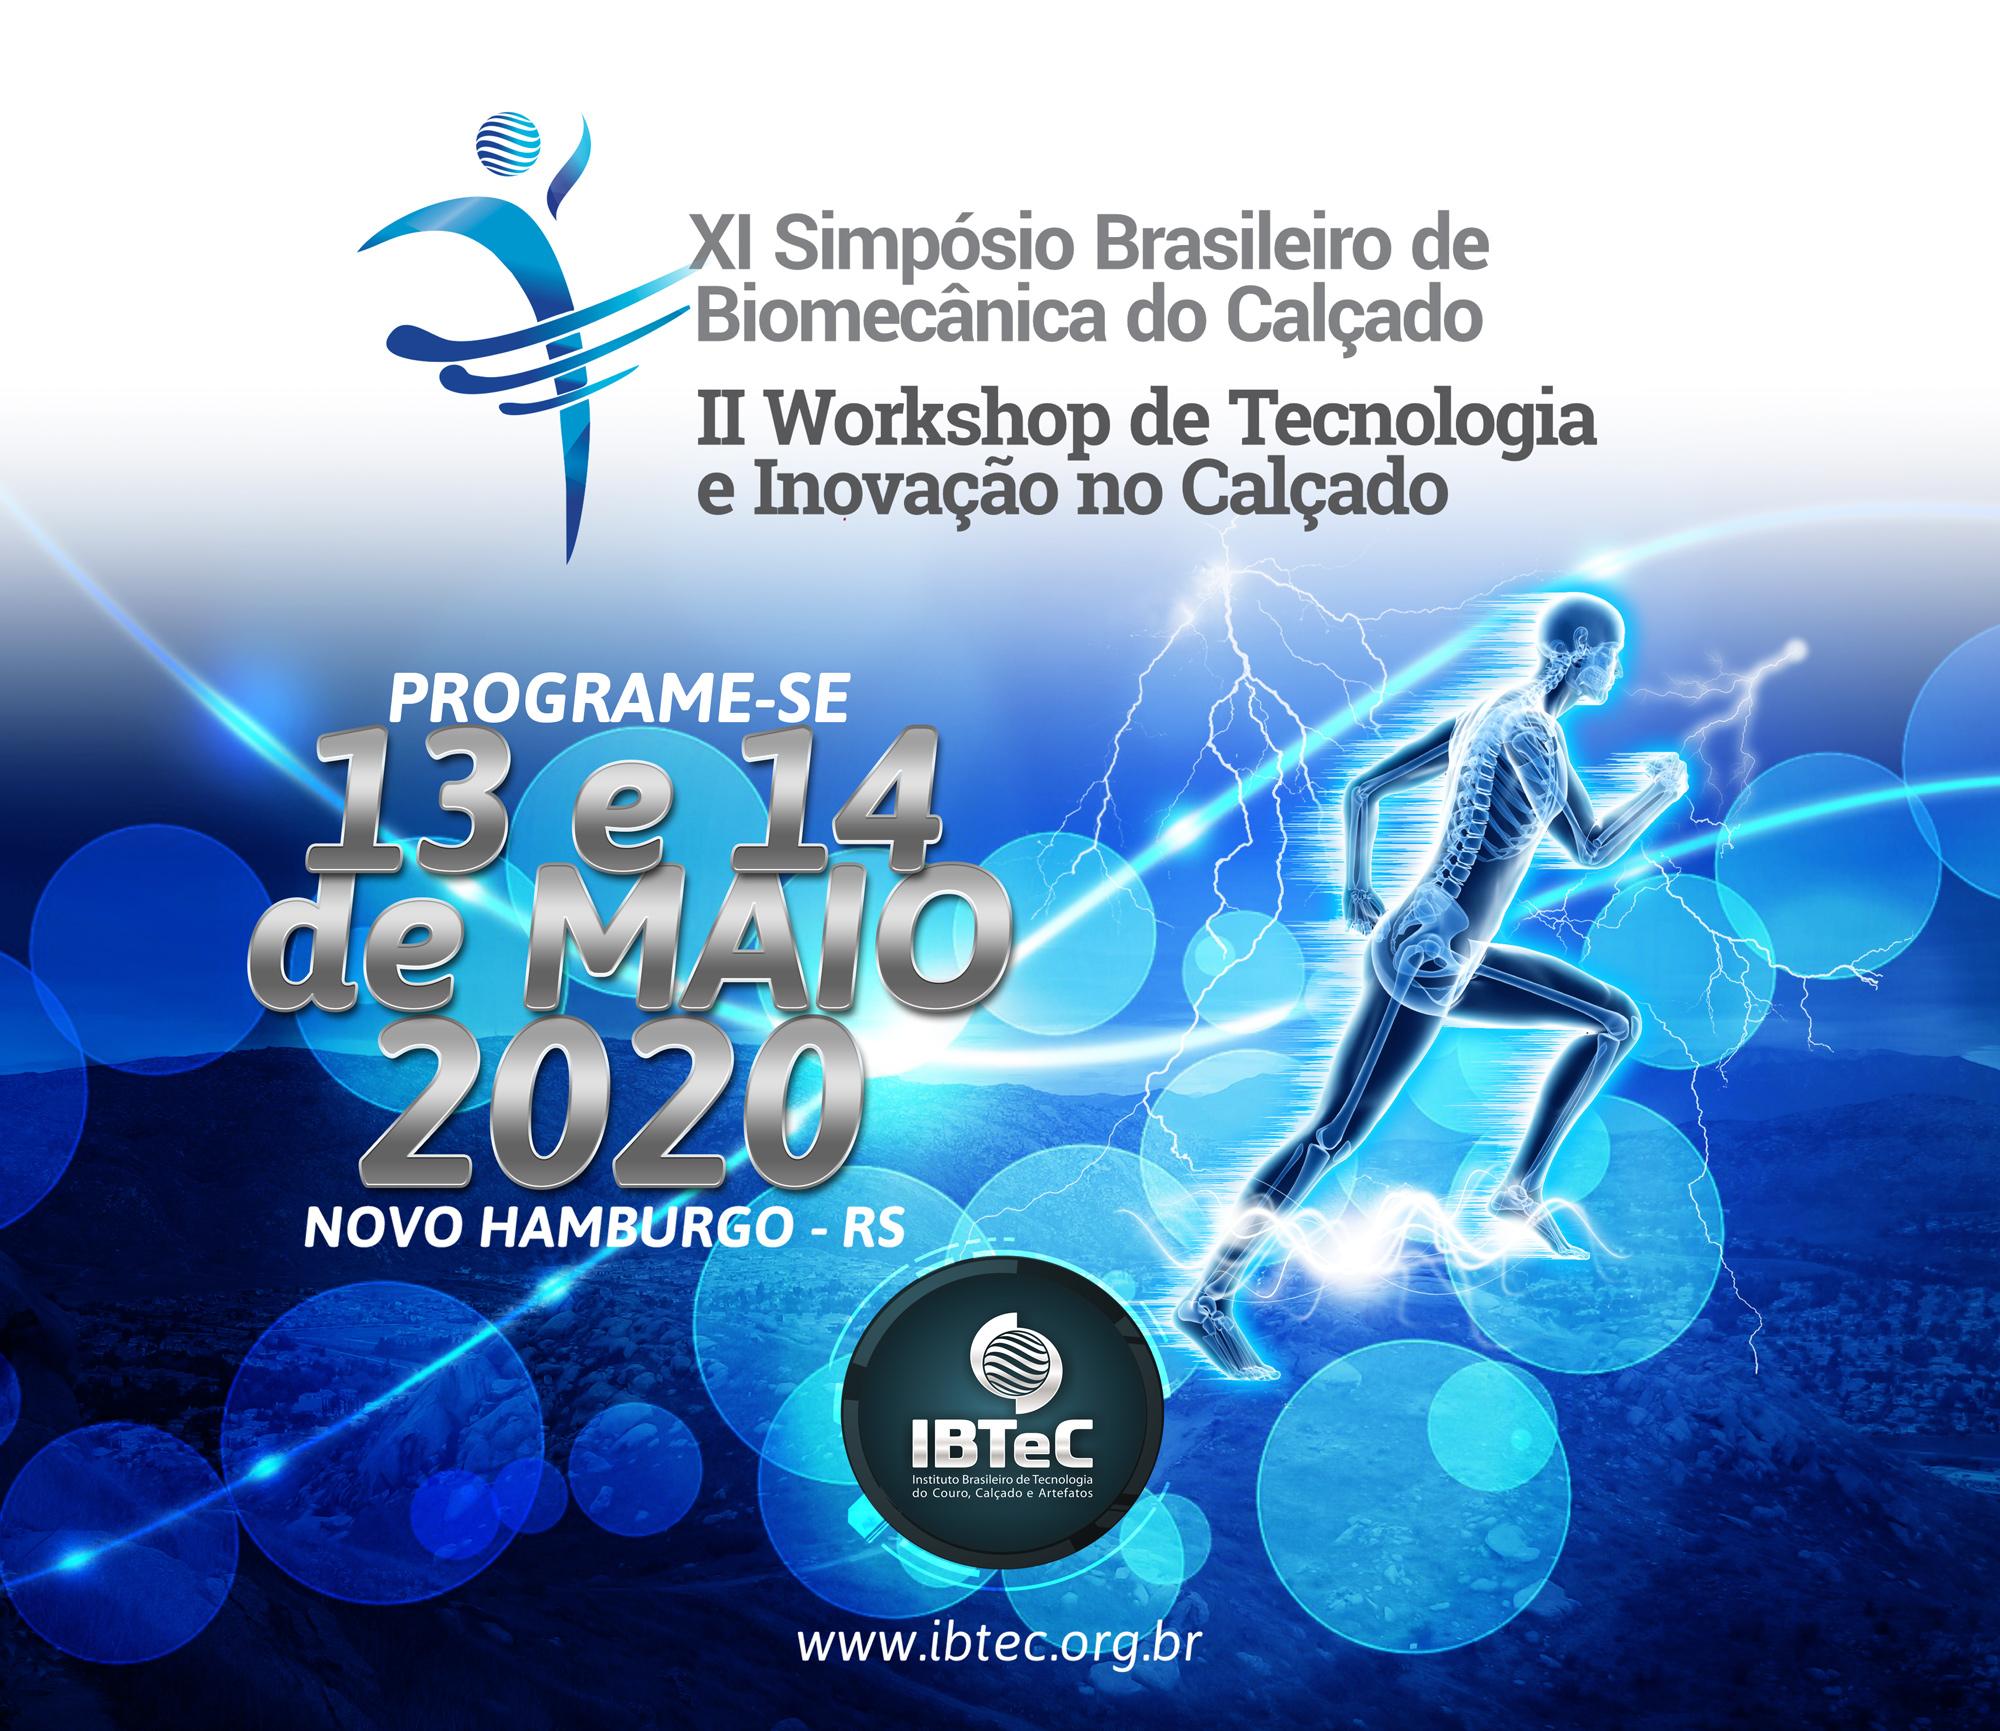 XI Simpósio Brasileiro de Biomecânica do Calçado e II Workshop de Tecnologia e Inovação no Calçado